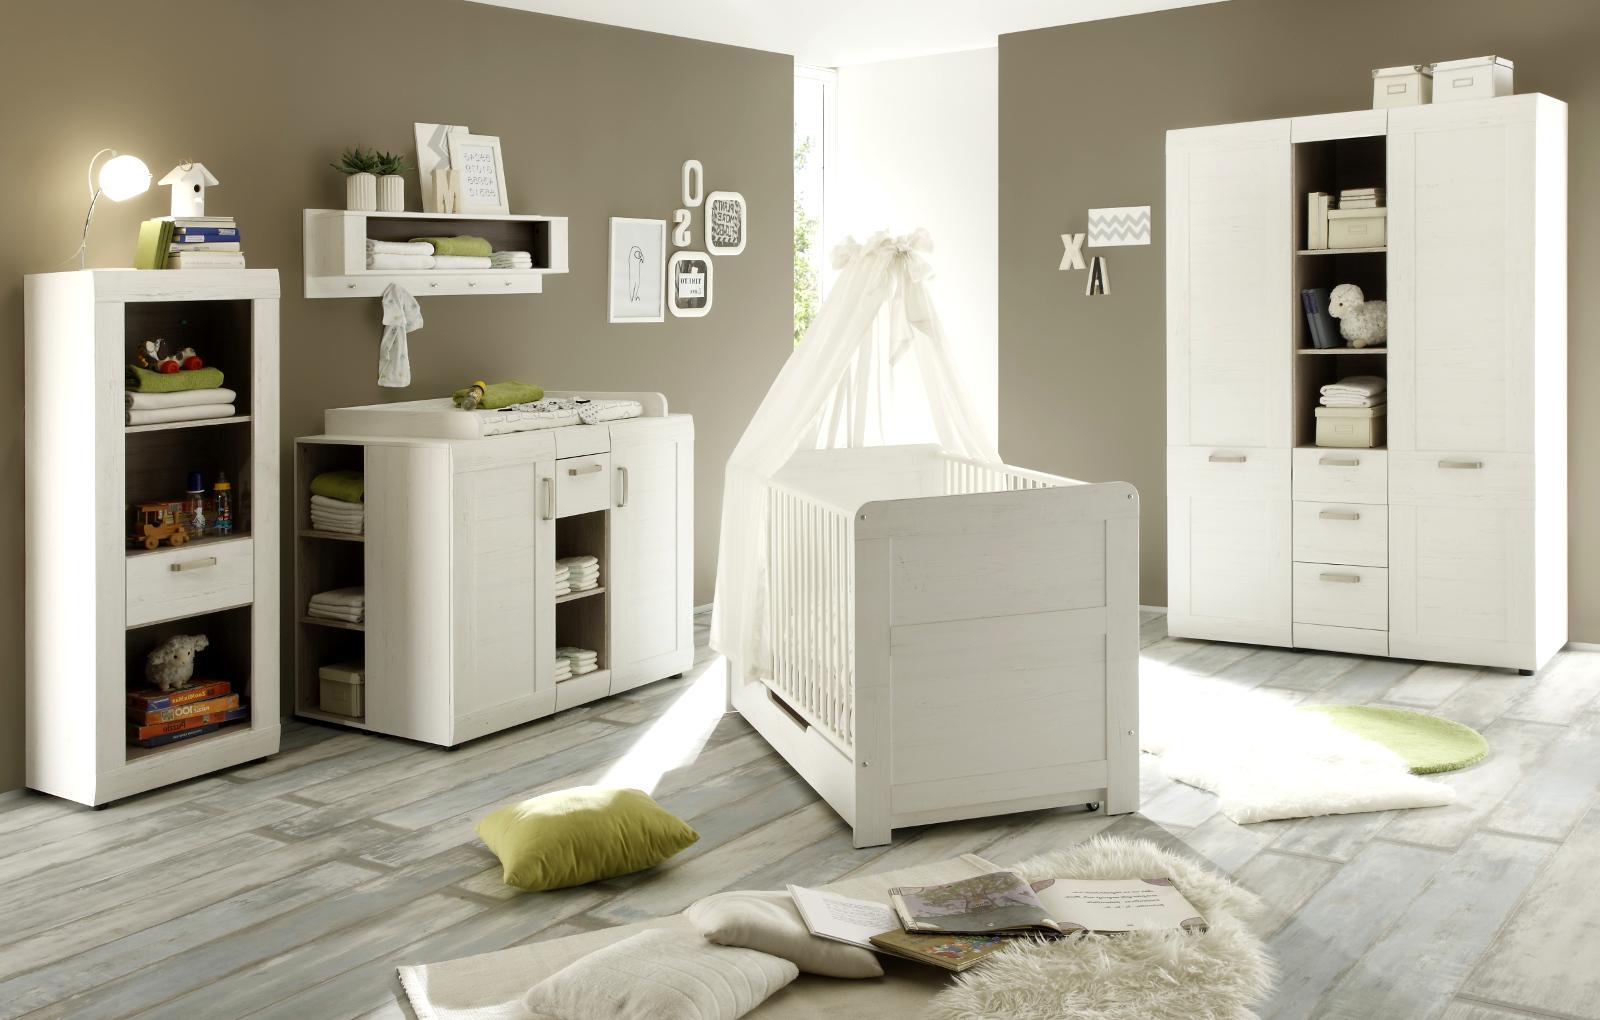 babyzimmer babybett und wickelkommode landi. Black Bedroom Furniture Sets. Home Design Ideas